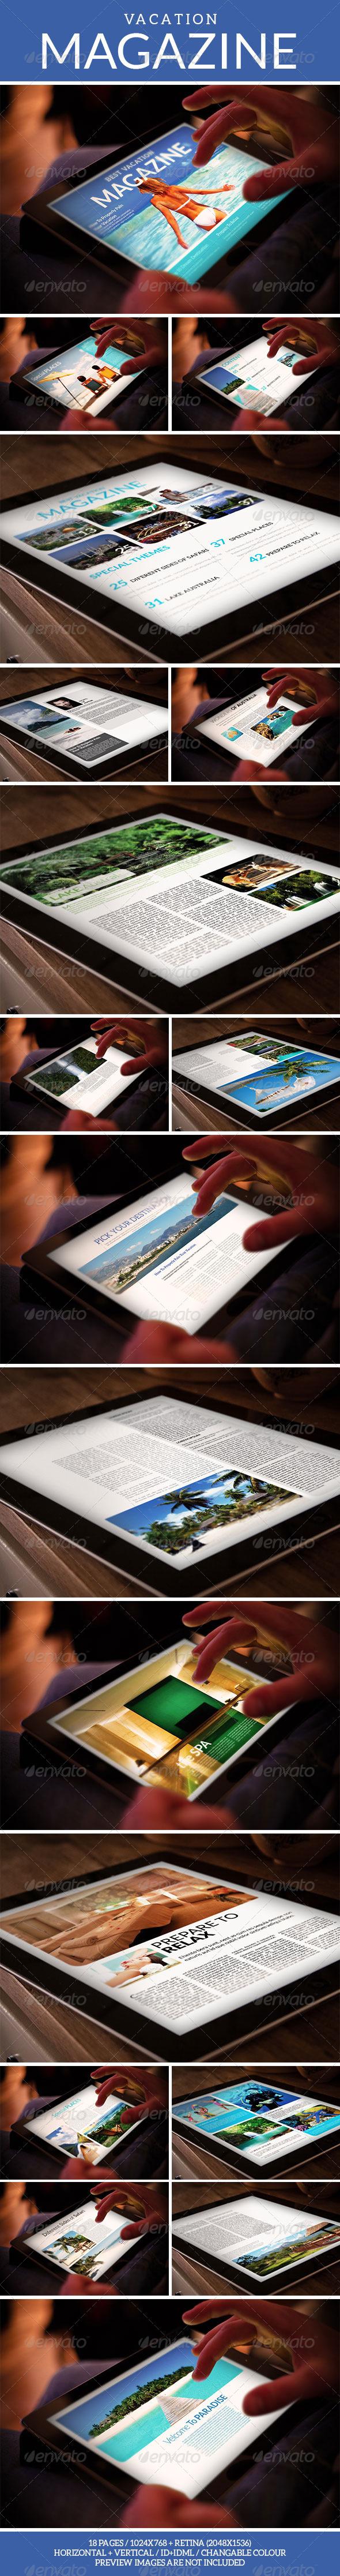 Tablet Vacation Magazine Template - Digital Magazines ePublishing